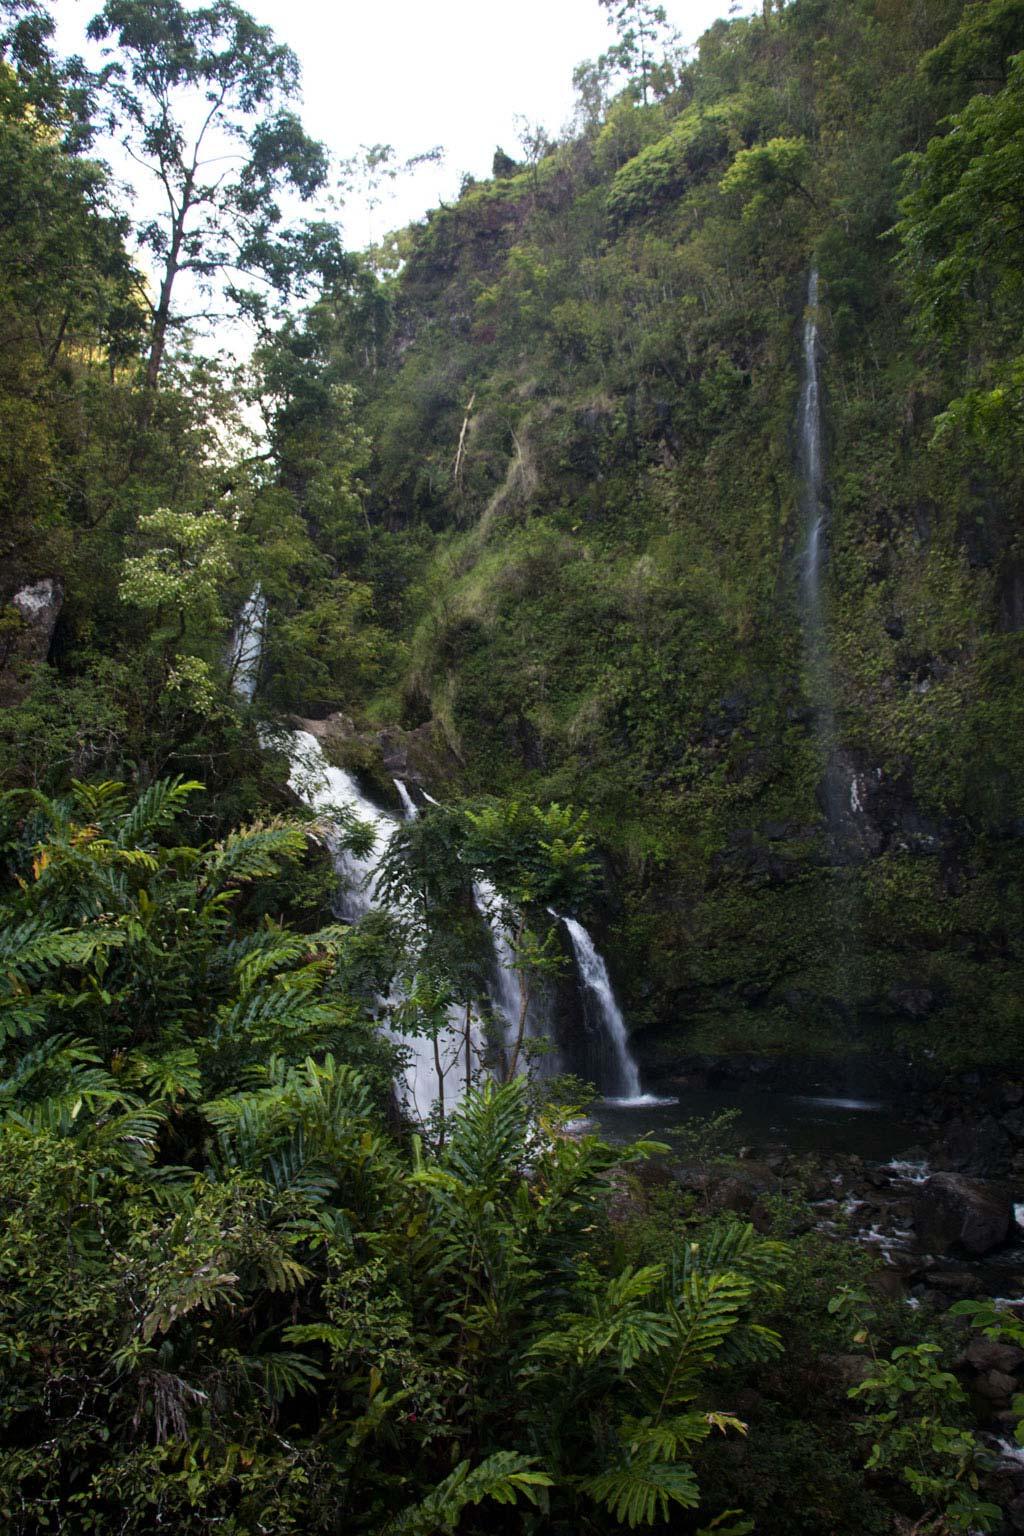 Maui Hawaii – Road to Hana Wasserfall | SOMEWHERE ELSE